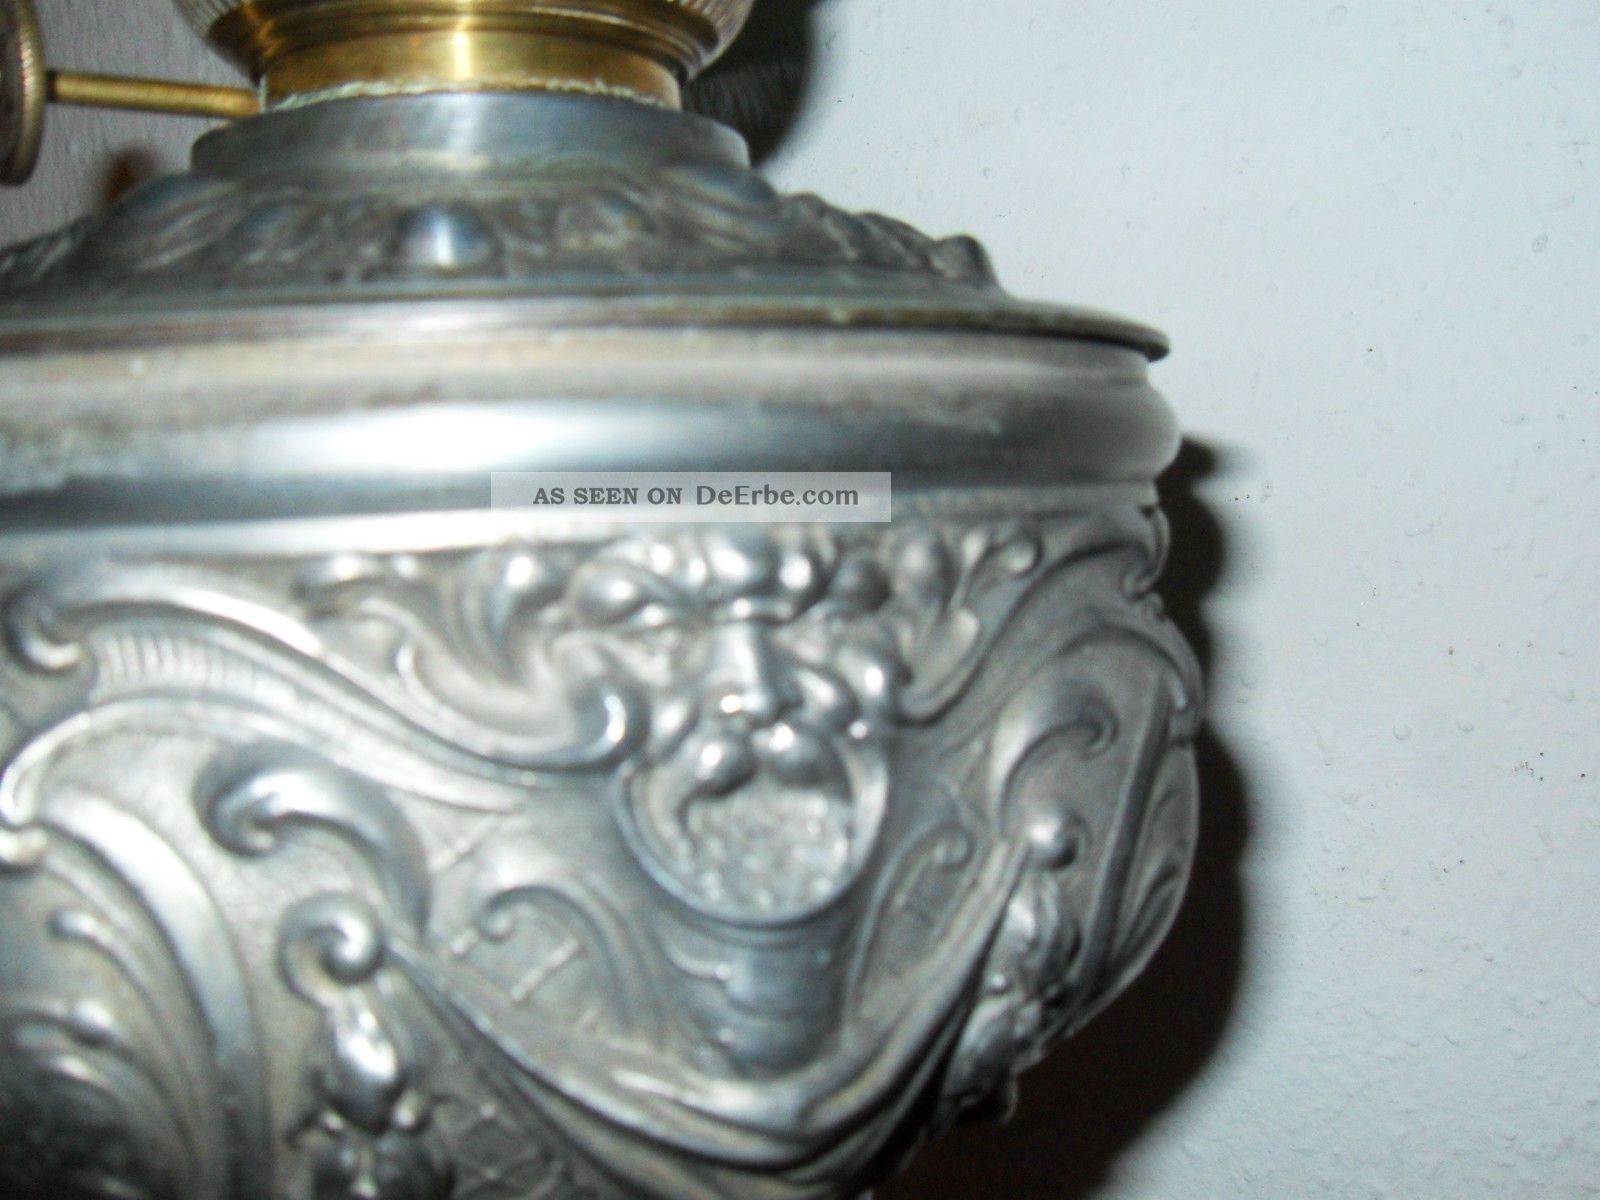 alte petroleum tisch lampe zinkguss gr ner schirm messingbrenner mit zylinder. Black Bedroom Furniture Sets. Home Design Ideas